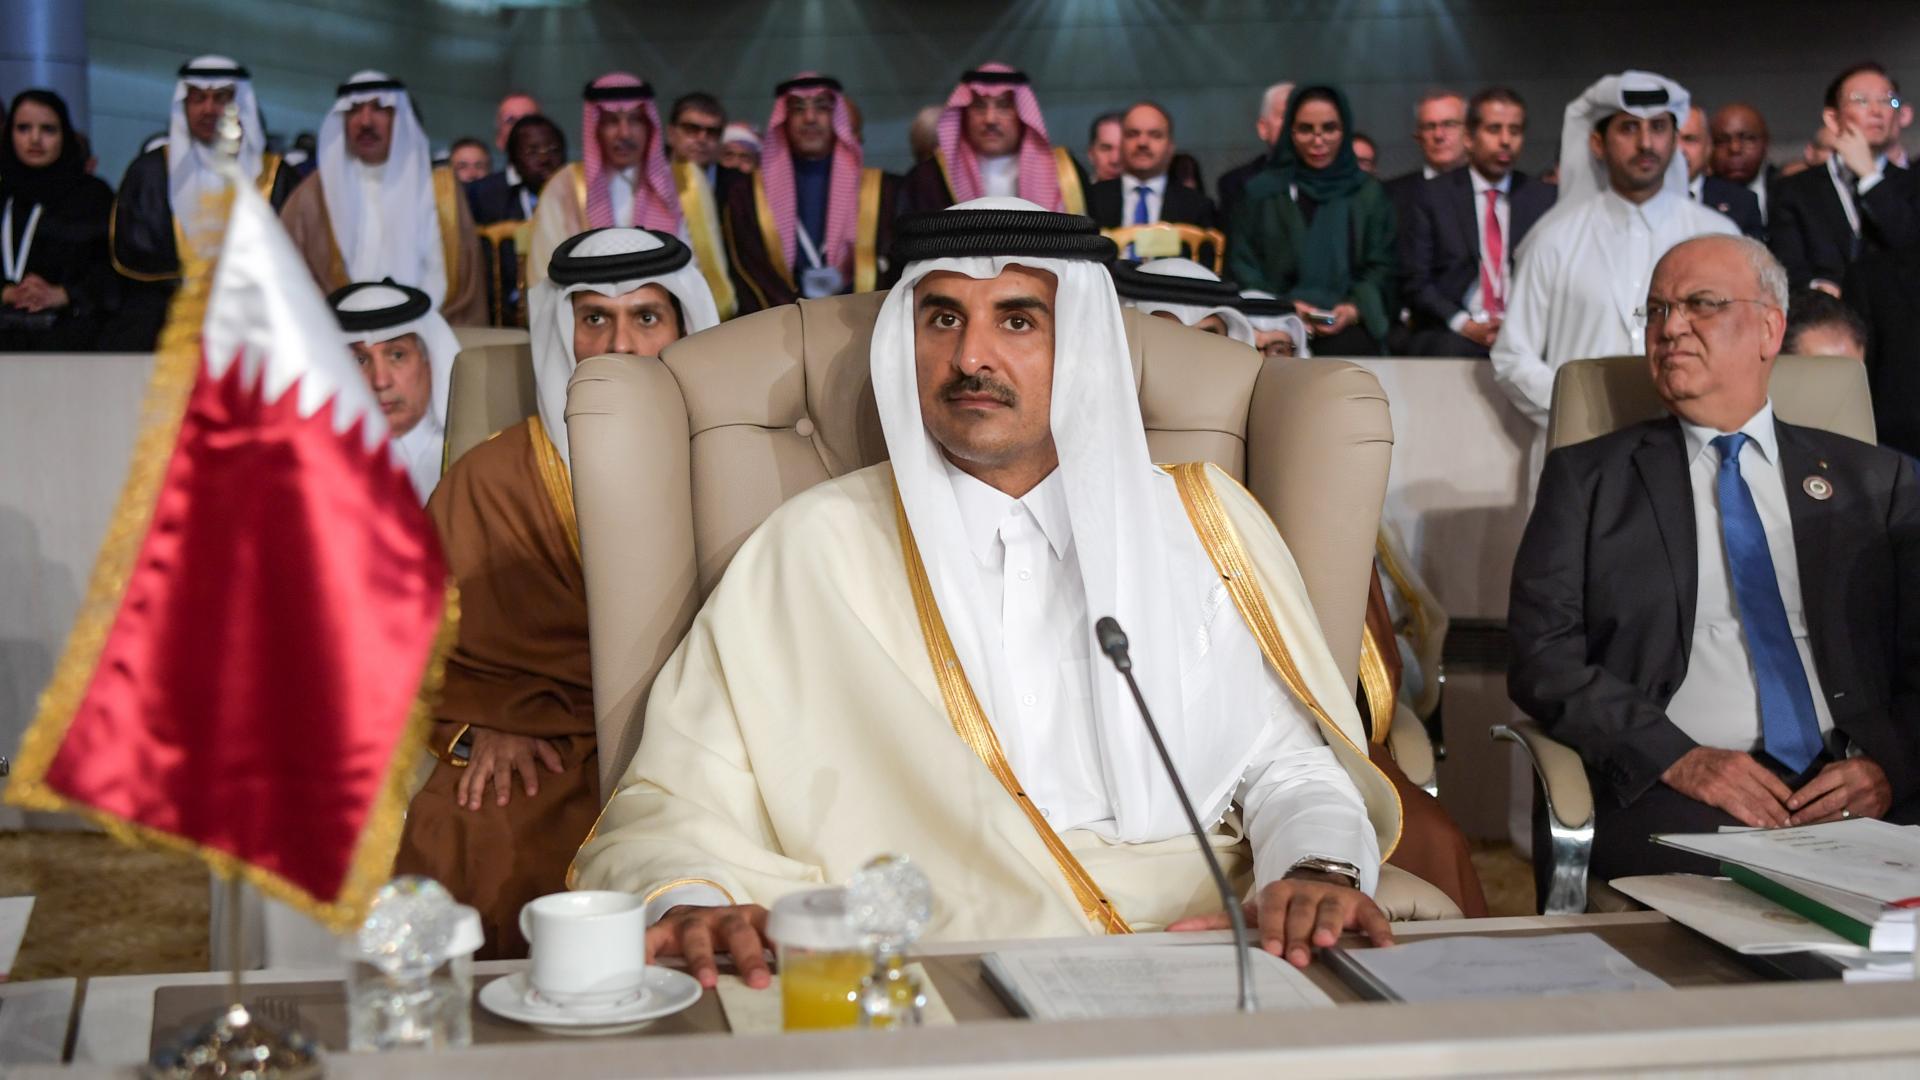 تداول لقطة مغادرة أمير قطر قاعة اجتماعات القمة العربية في تونس